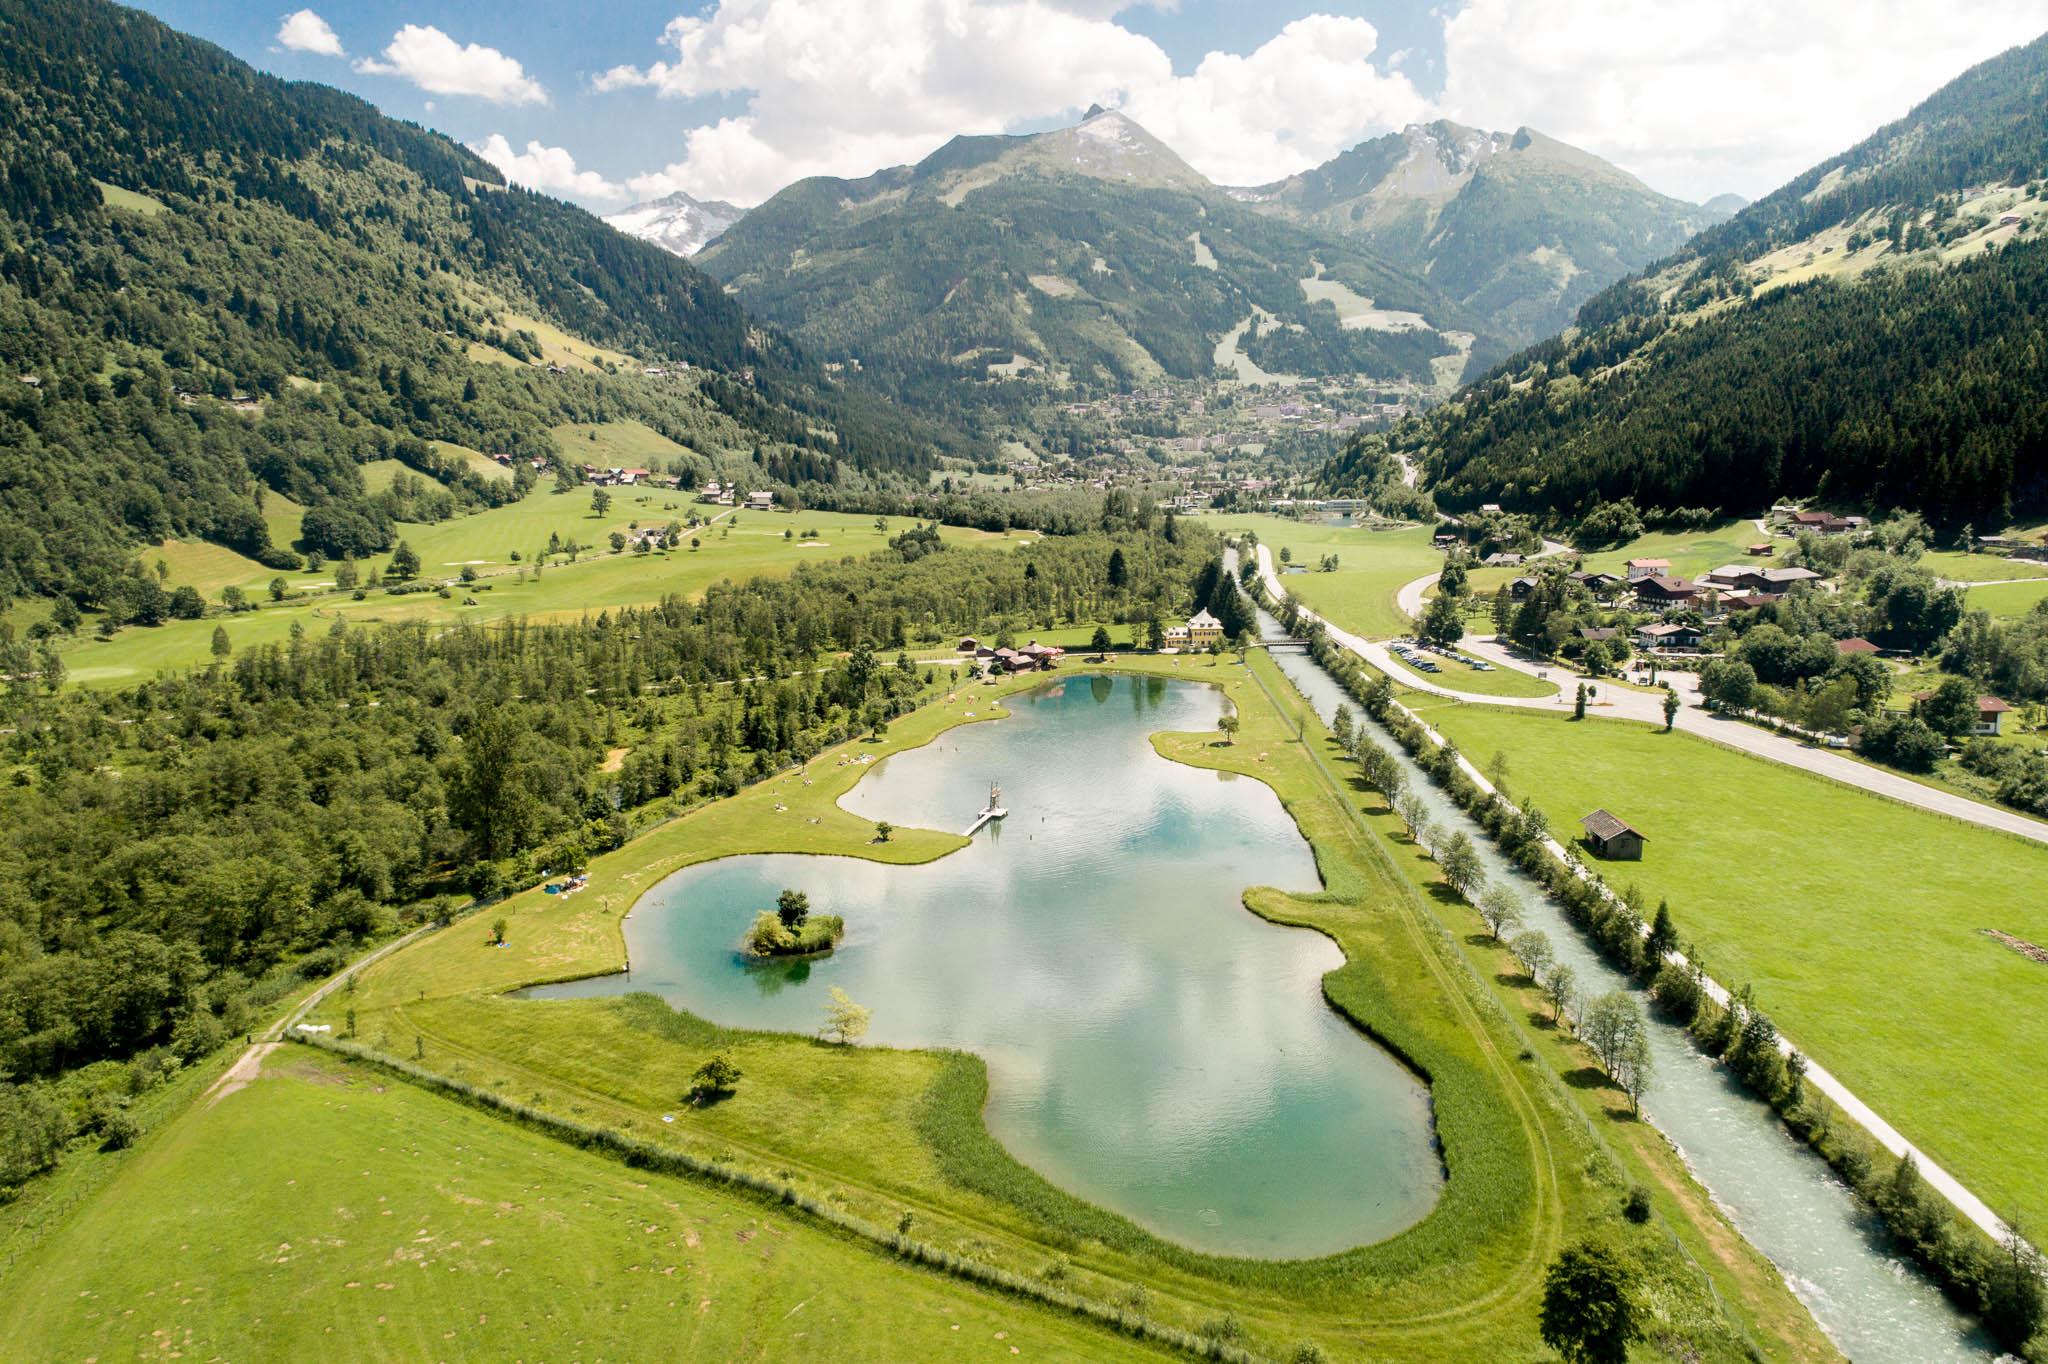 Badesee Gastein (c) Gasteinertal Tourismus GmbH, Ausweger (1) - Kopie